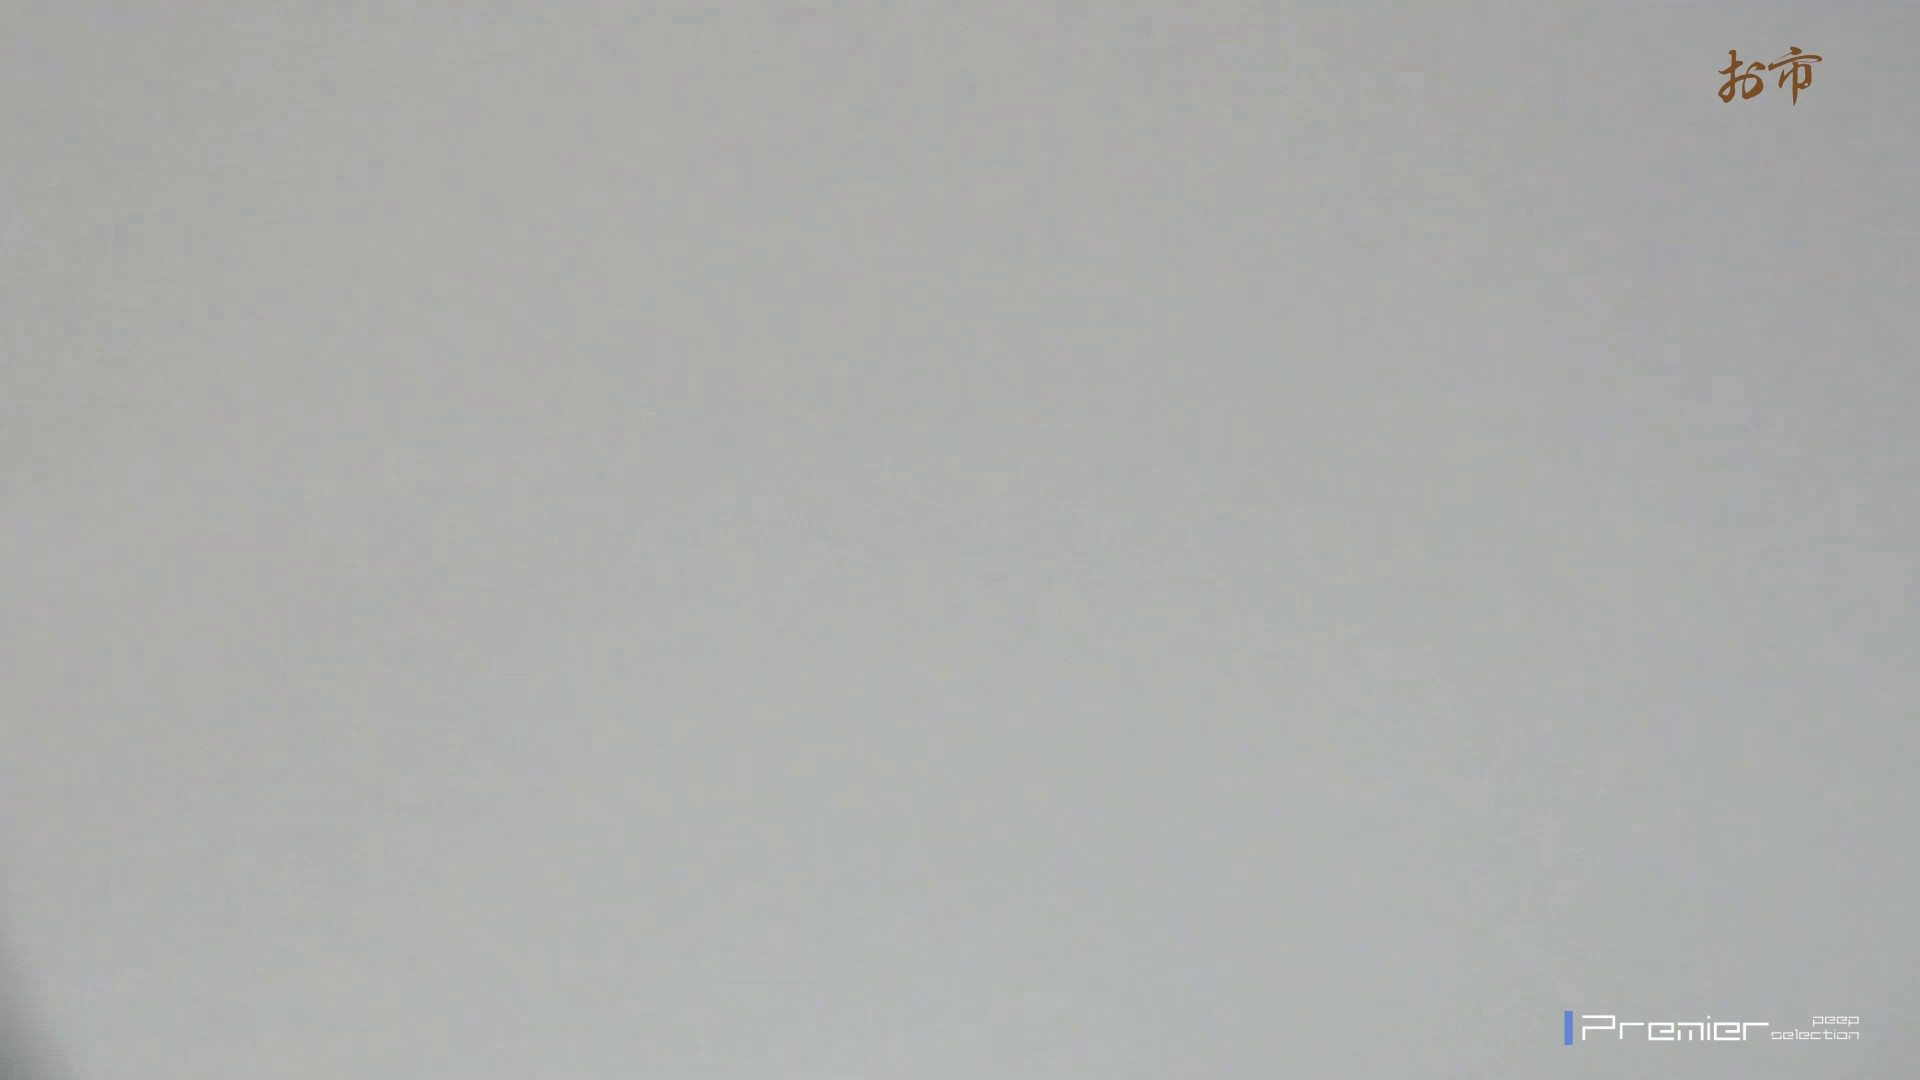 お市さんの「お尻丸出しジャンボリー」14 列を眺めるのはここだけ!貴重なアングル 丸見え 戯れ無修正画像 88画像 10